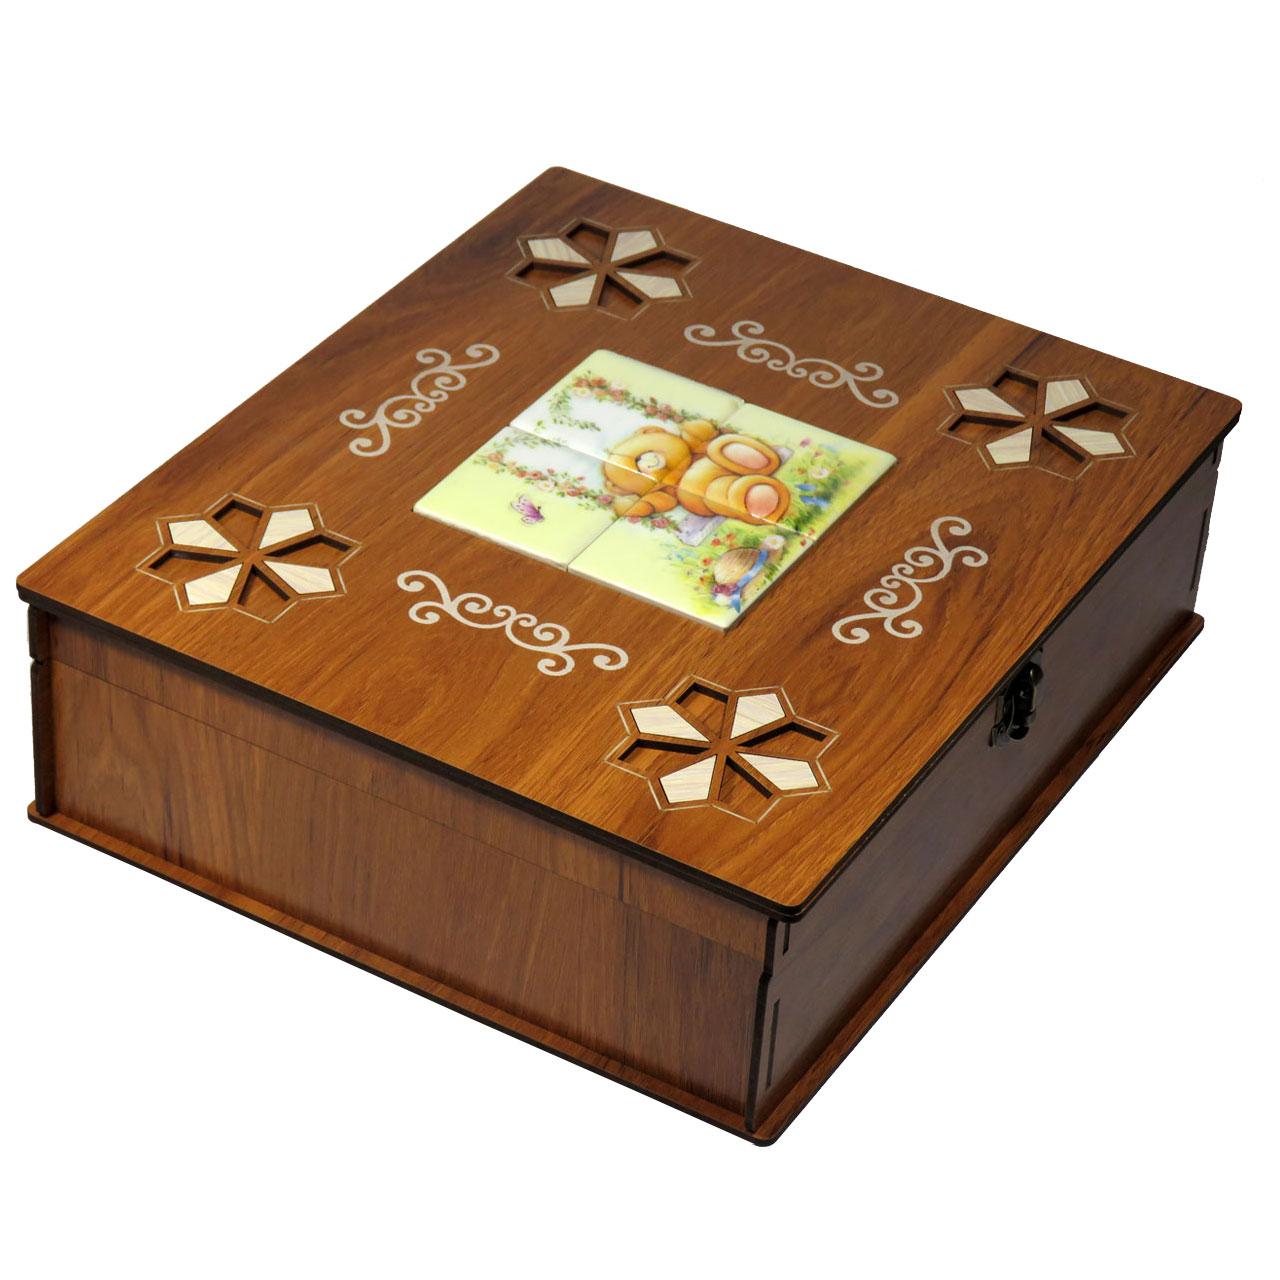 جعبه پذیرایی دمنوش چای کیسهای لوکس باکس طرح فانتزی کد LB4106